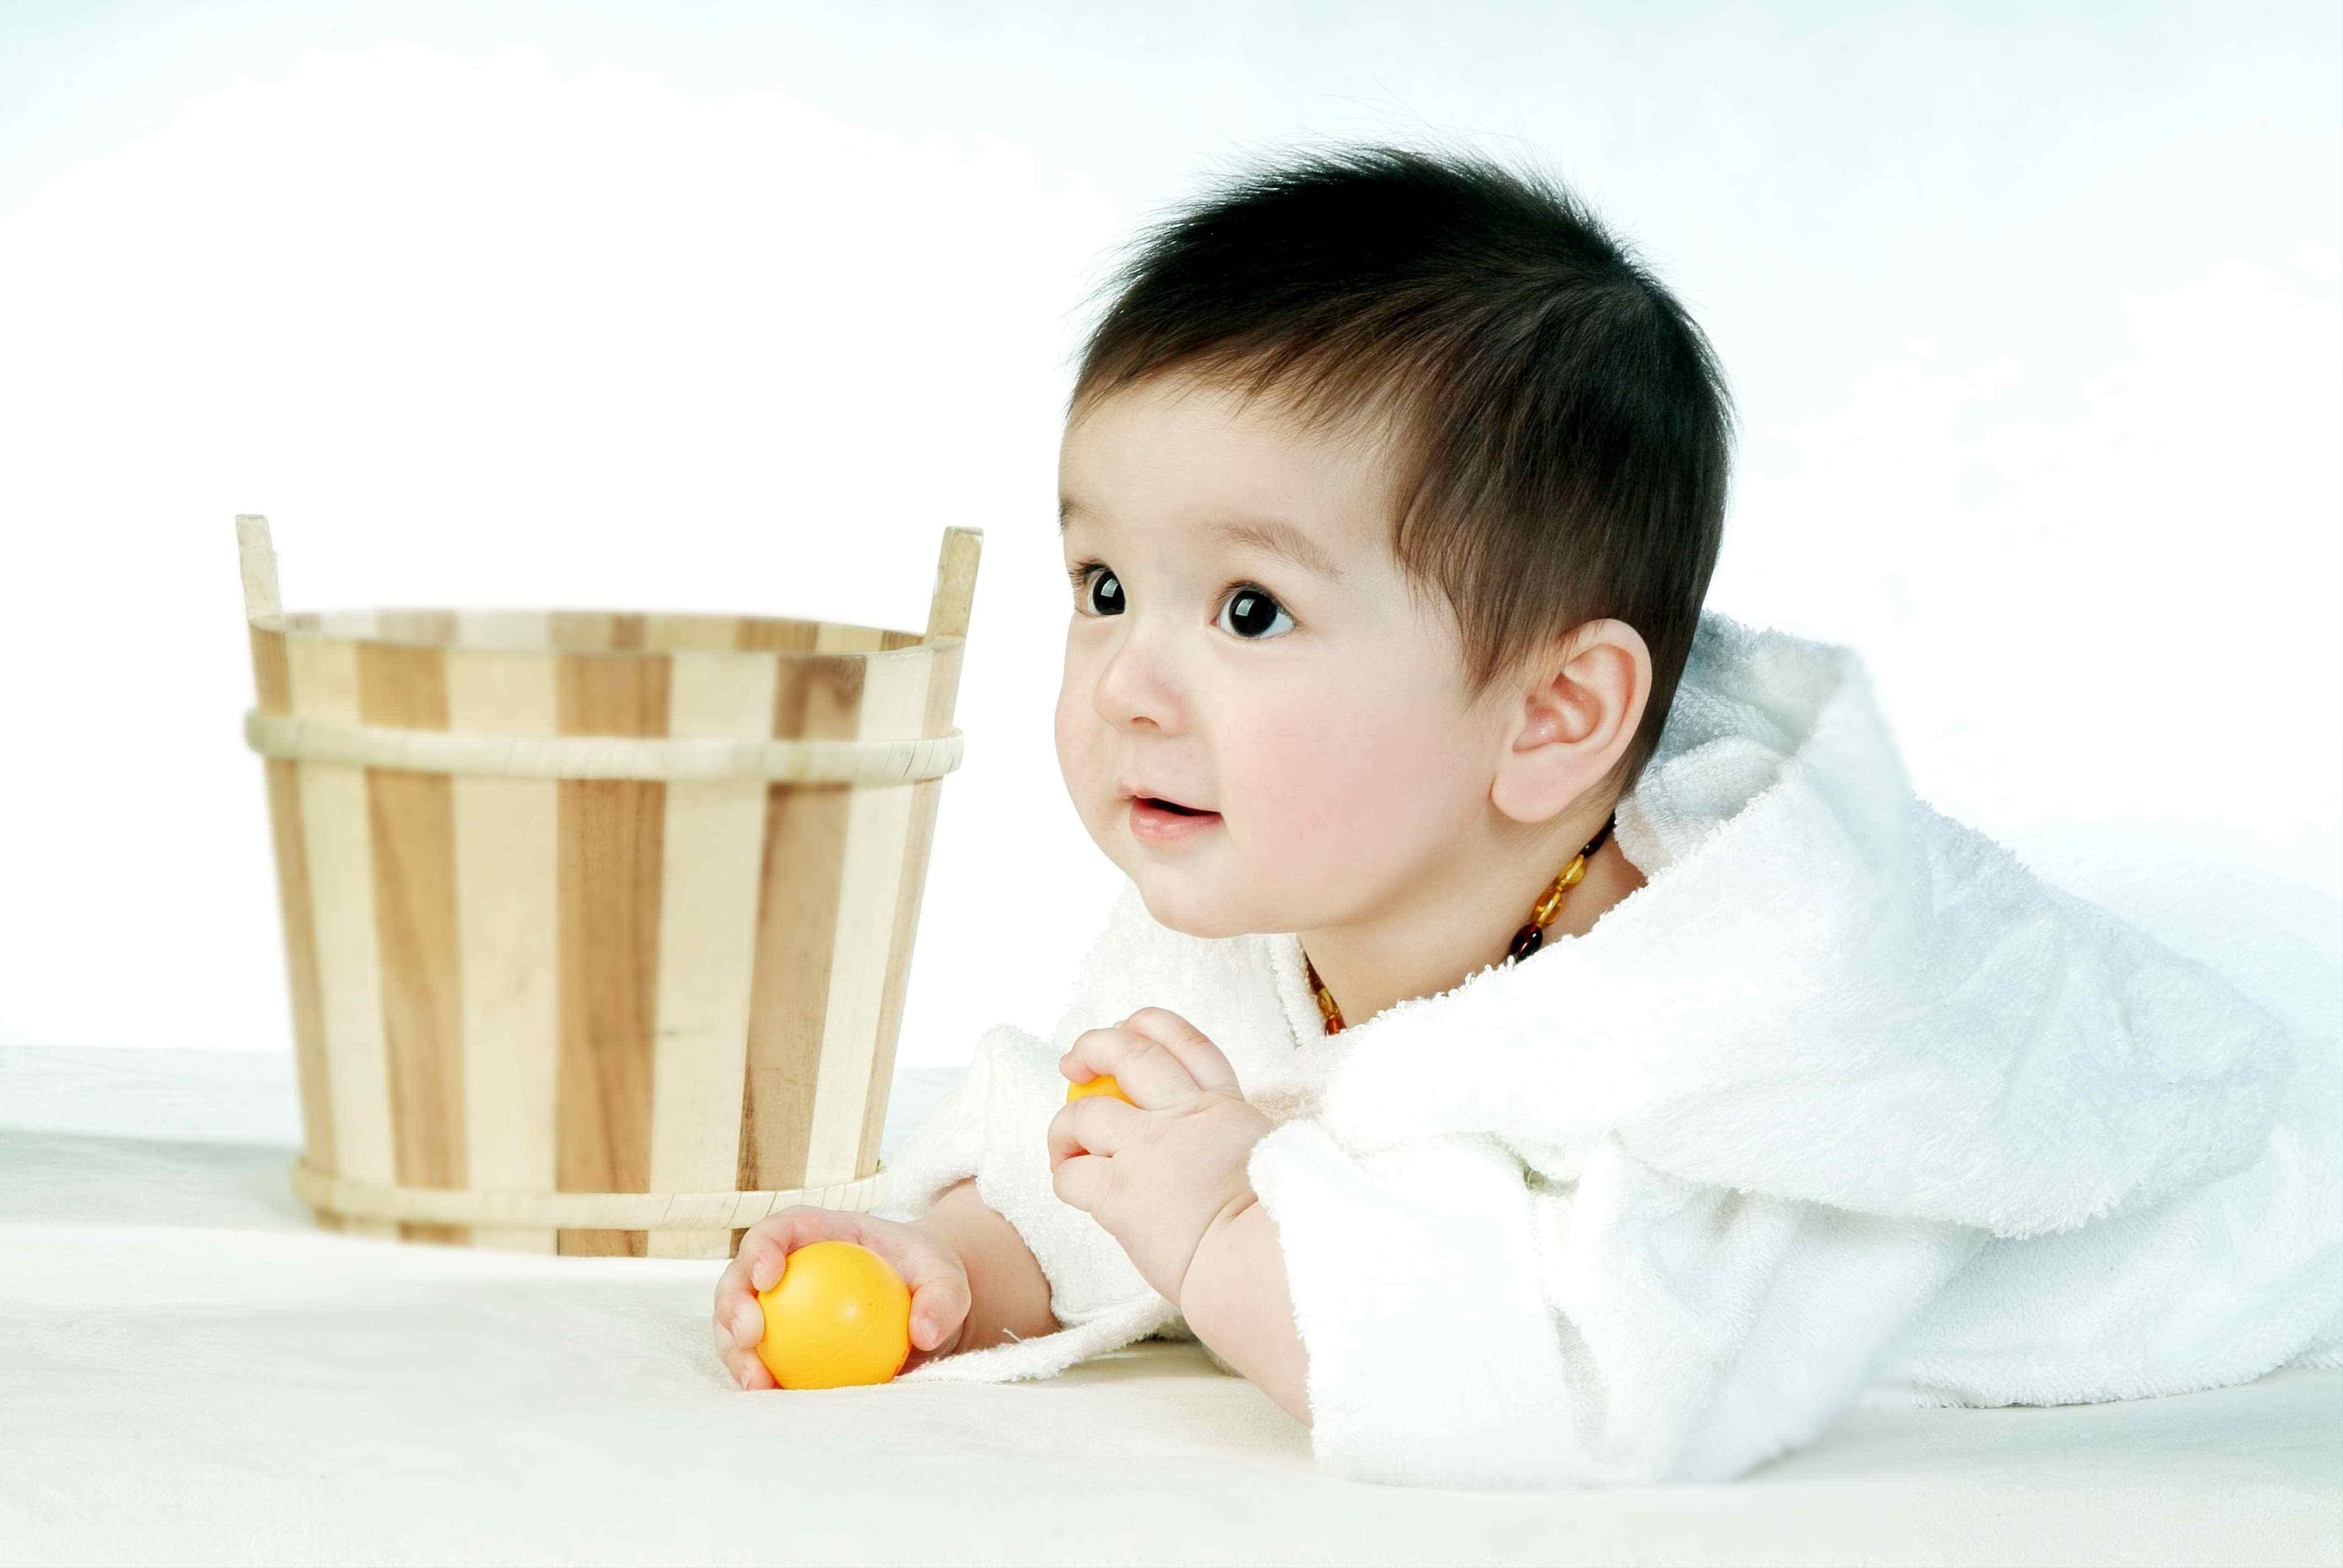 儿童可以吃燕窝吗